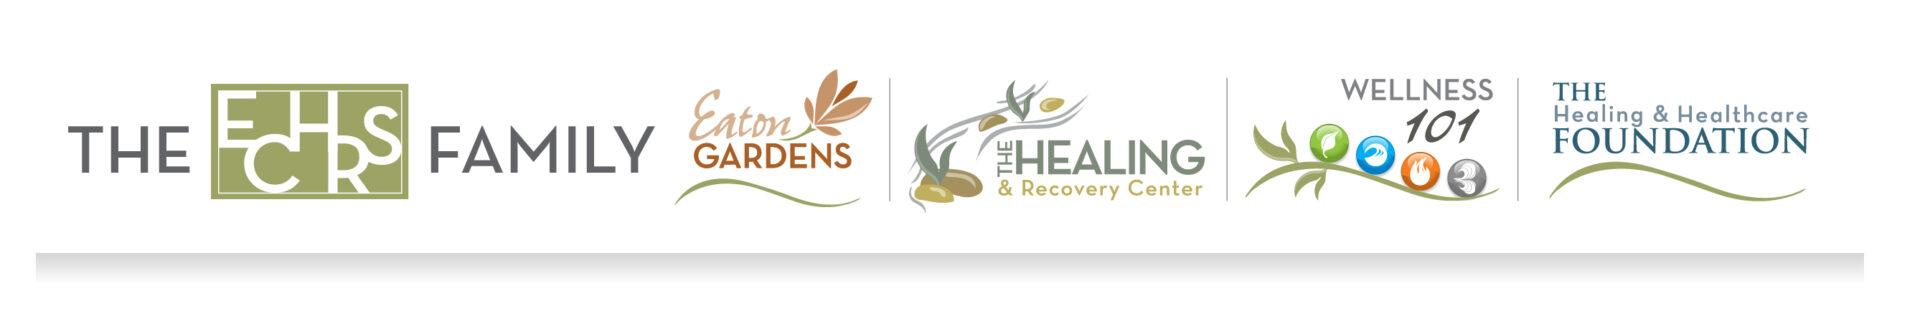 ECHRS Health